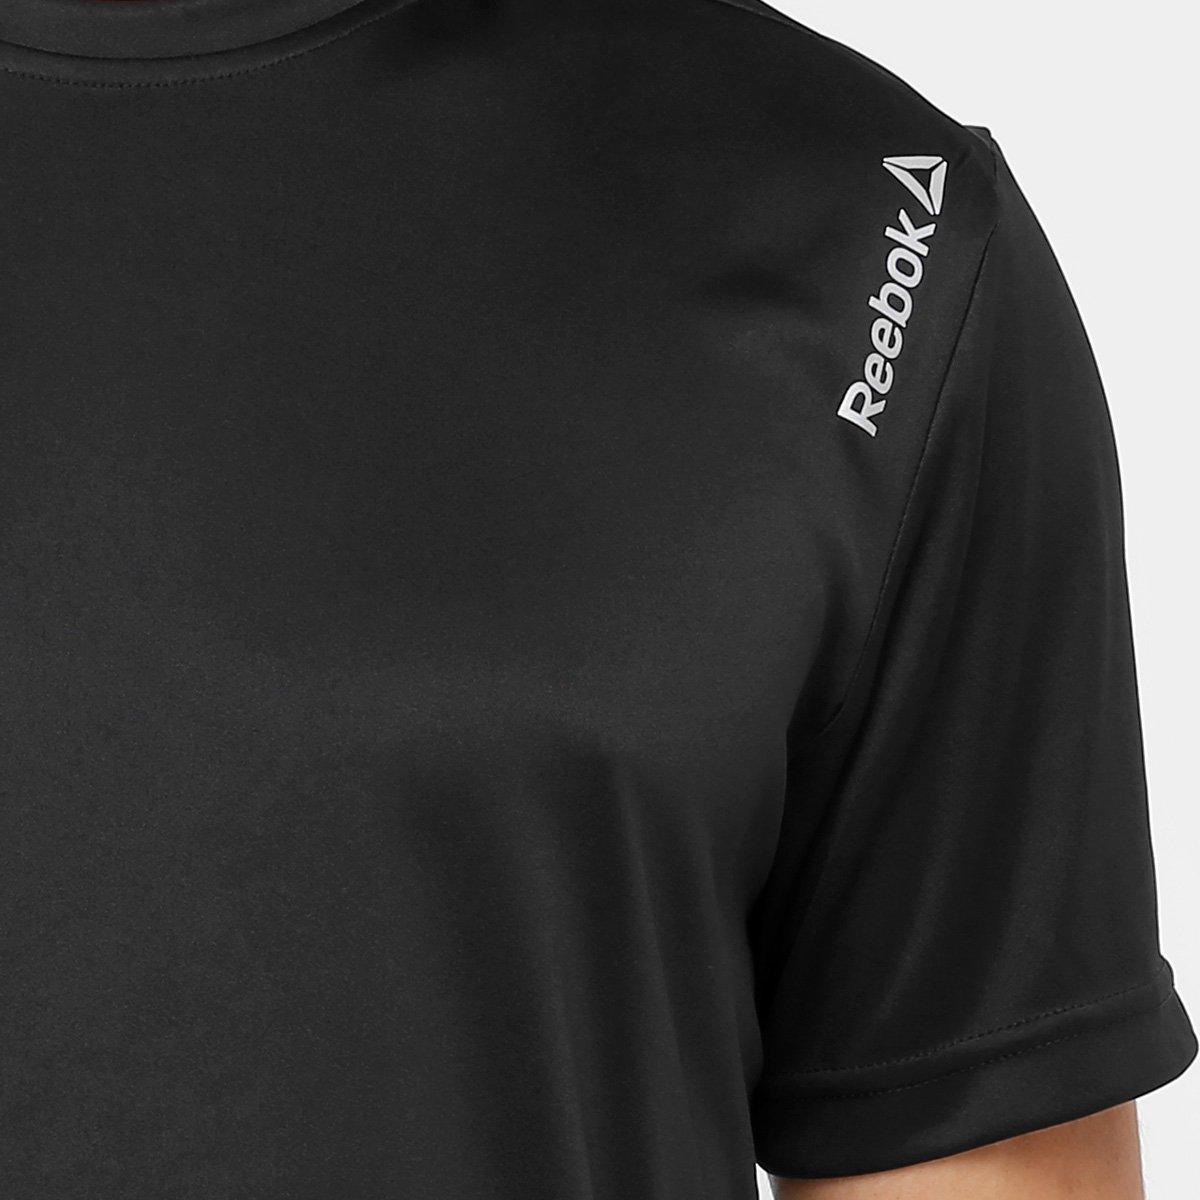 0531b9648a5 Camiseta Reebok Run Bp Masculina - Compre Agora